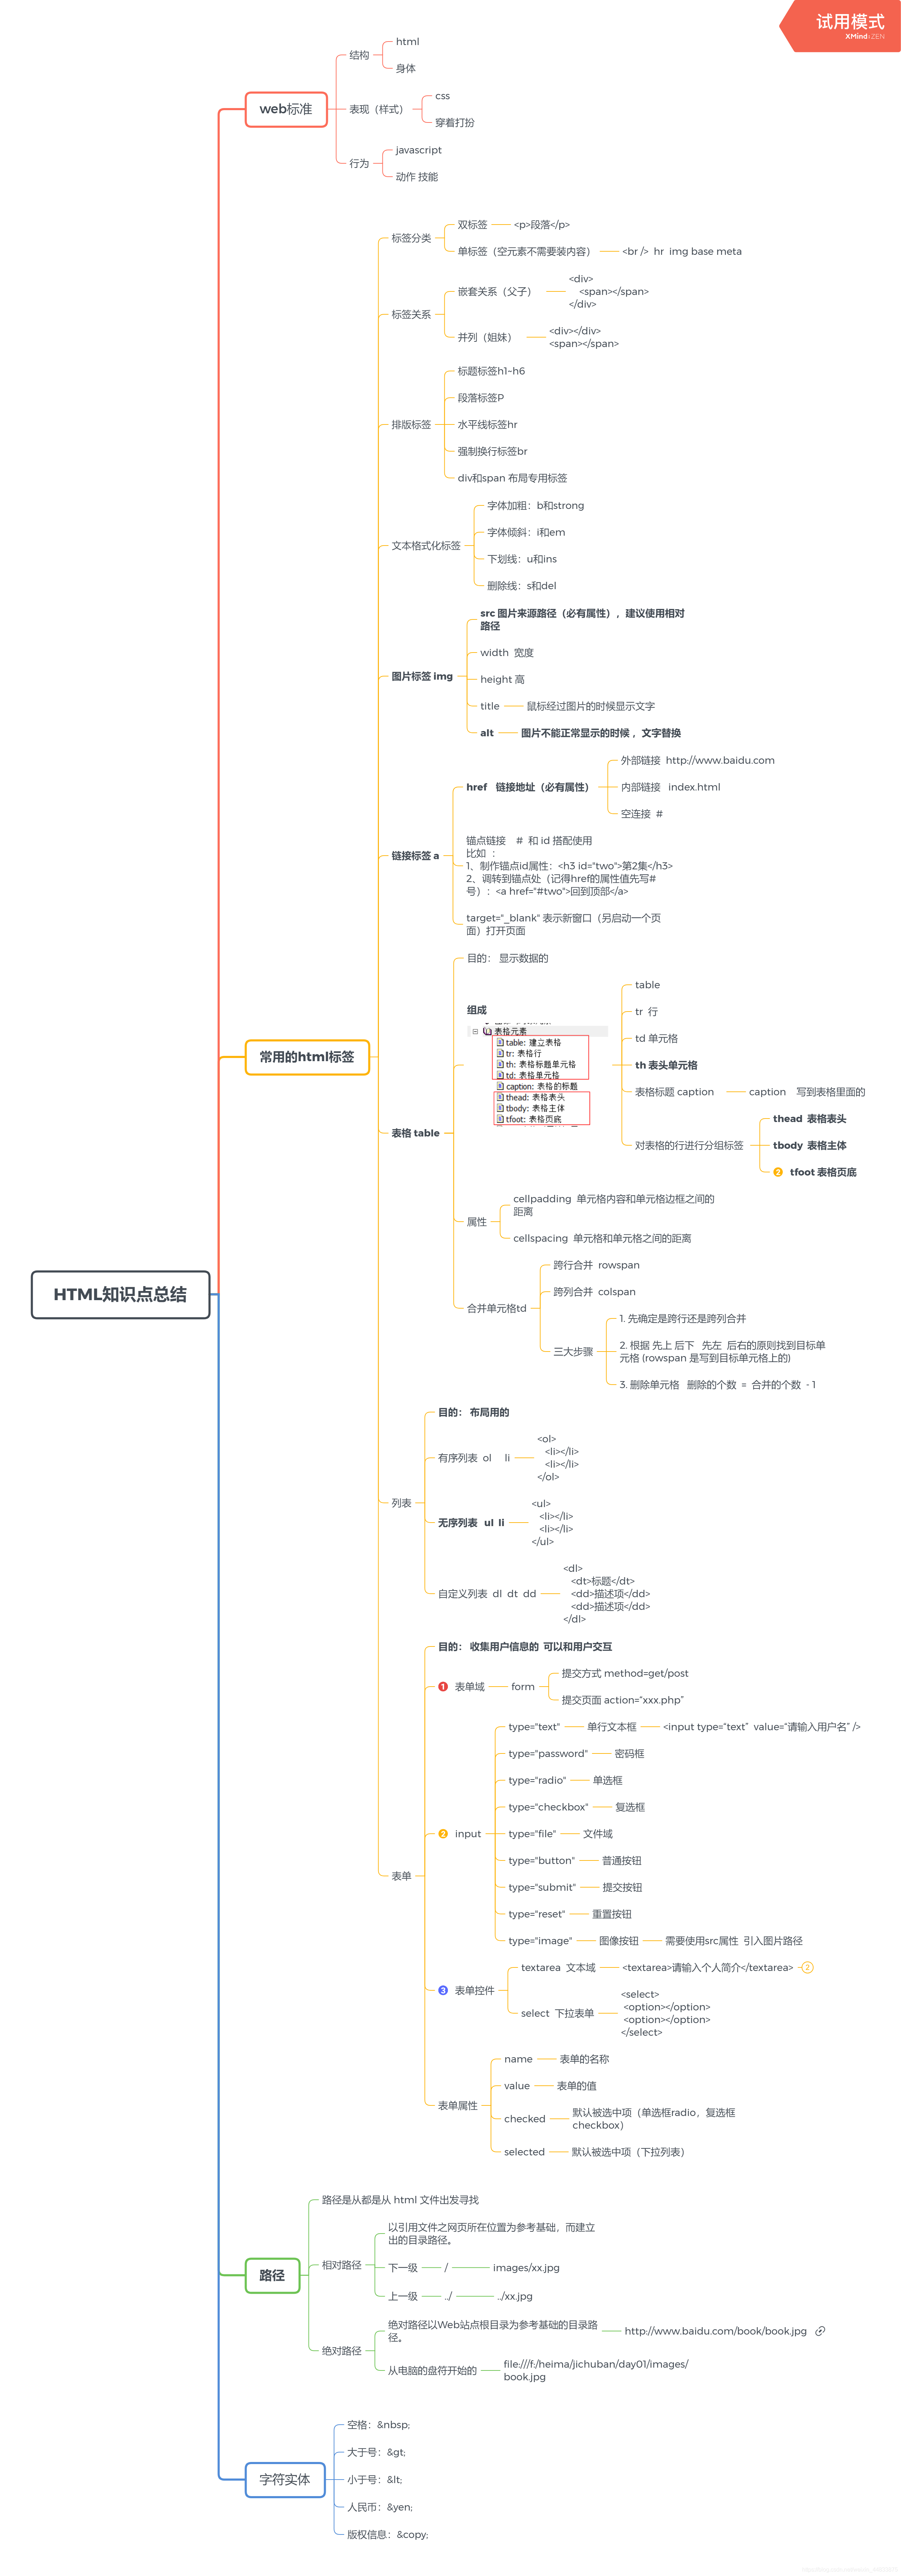 html总结xmind思维导图